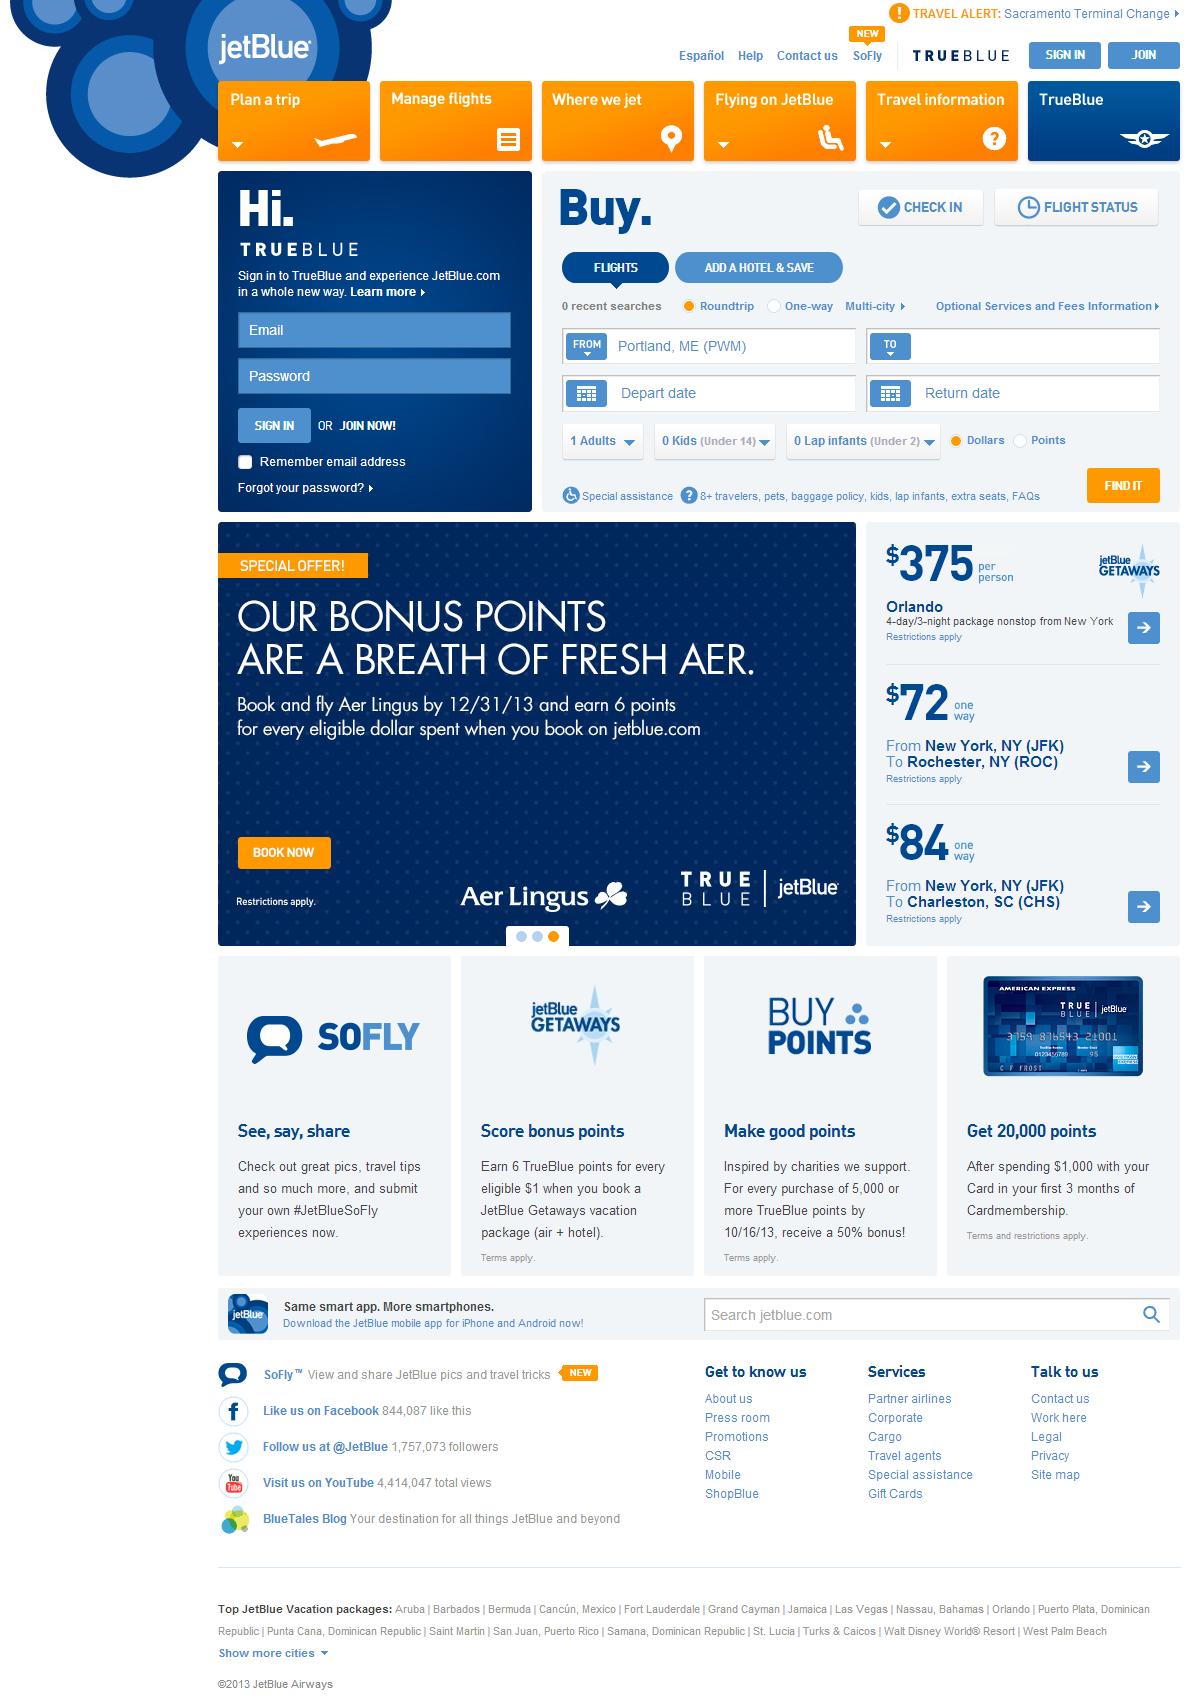 JetBlueのWebサイトのビジュアルデザインと口調には遊び心がある。また、よく行われるタスクへのアクセスも容易である。